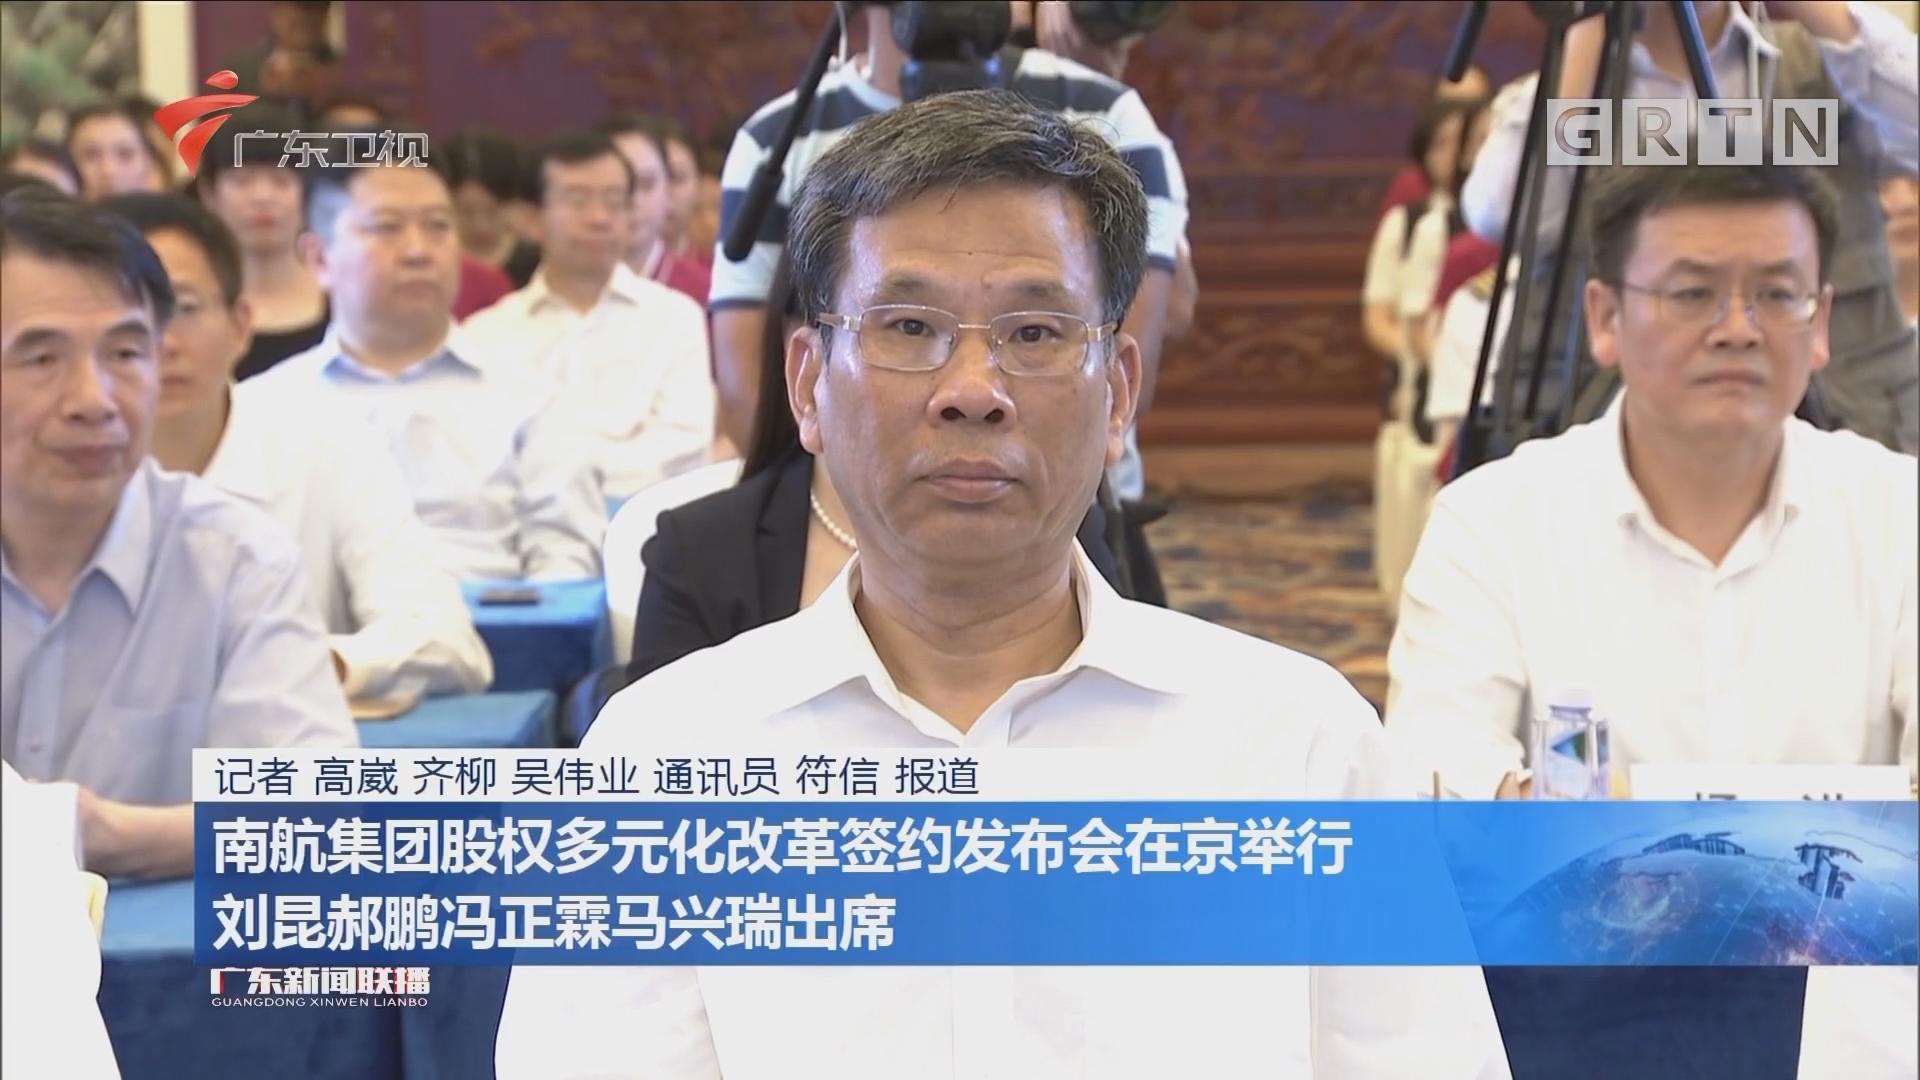 南航集团股权多元化改革签约发布会在京举行 刘昆郝鹏冯正霖马兴瑞出席